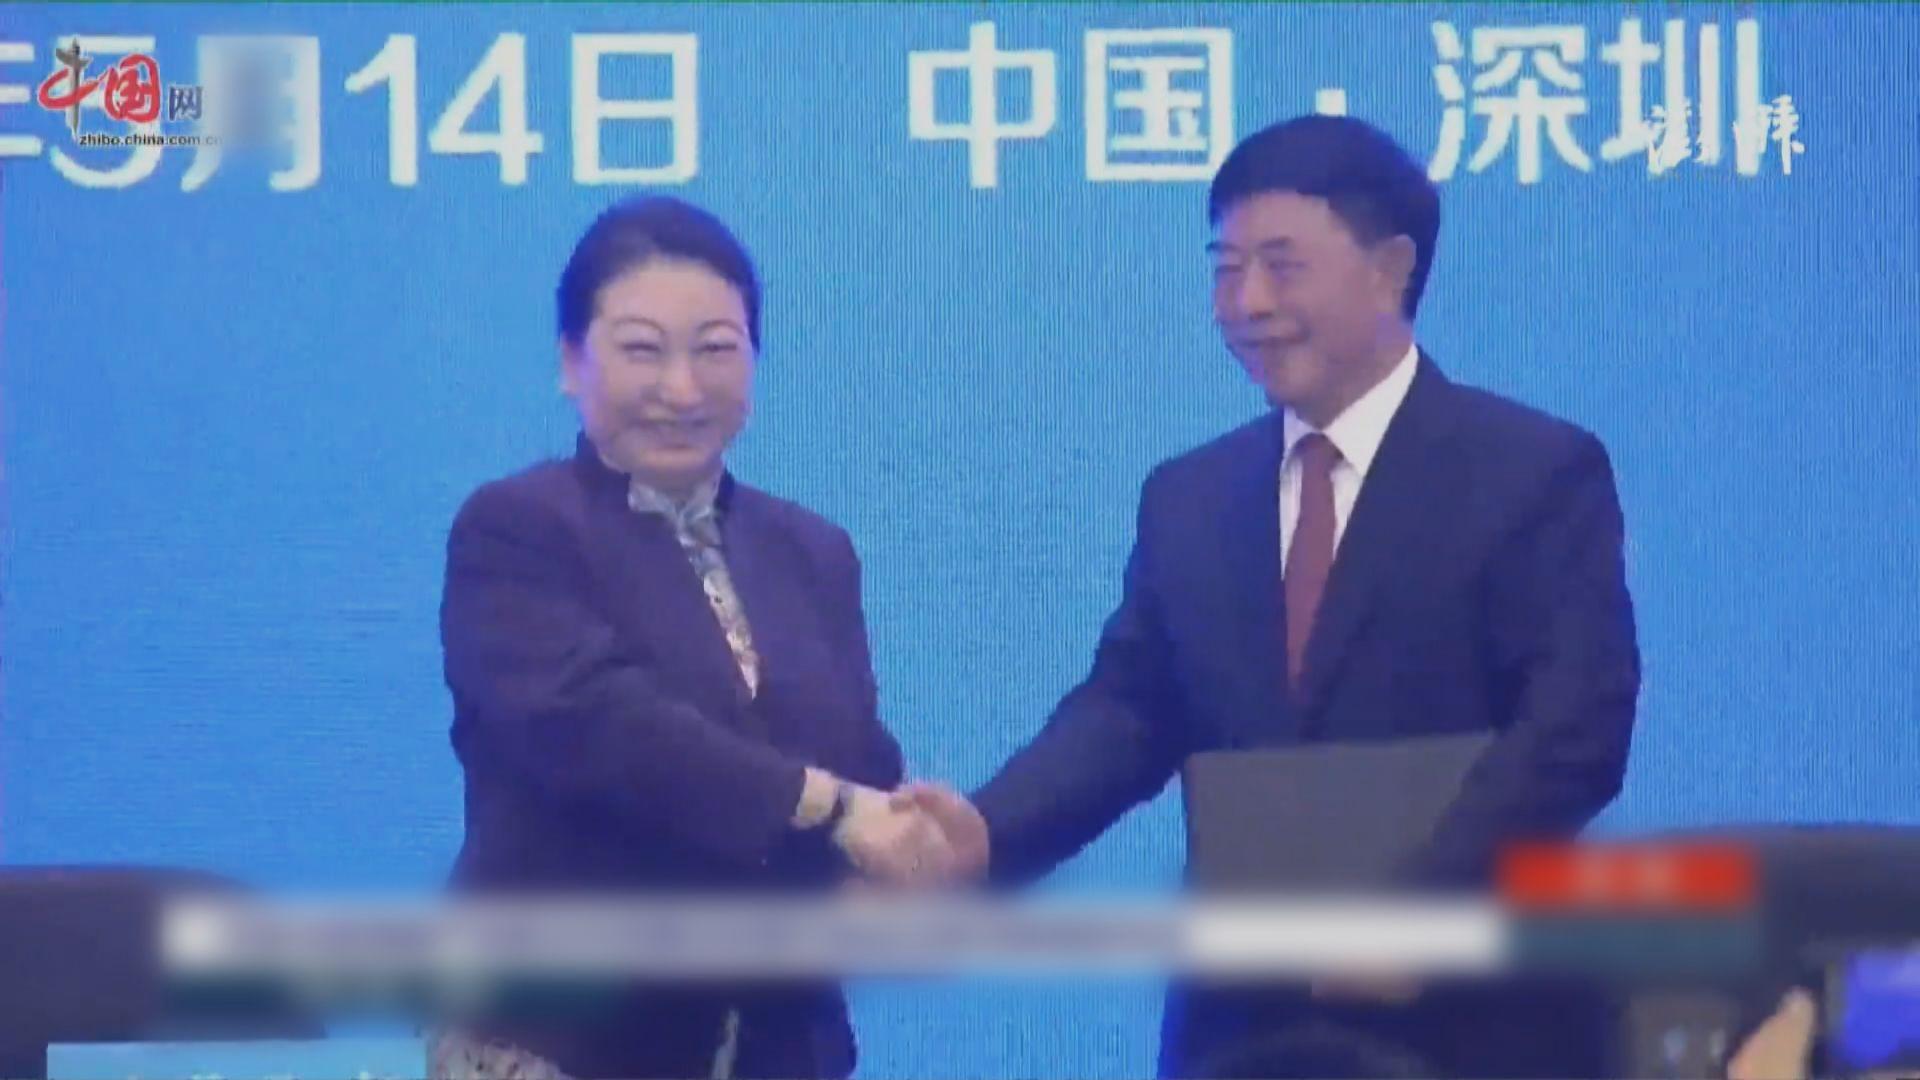 香港與內地簽署法院相互認可和協助破產程序文件